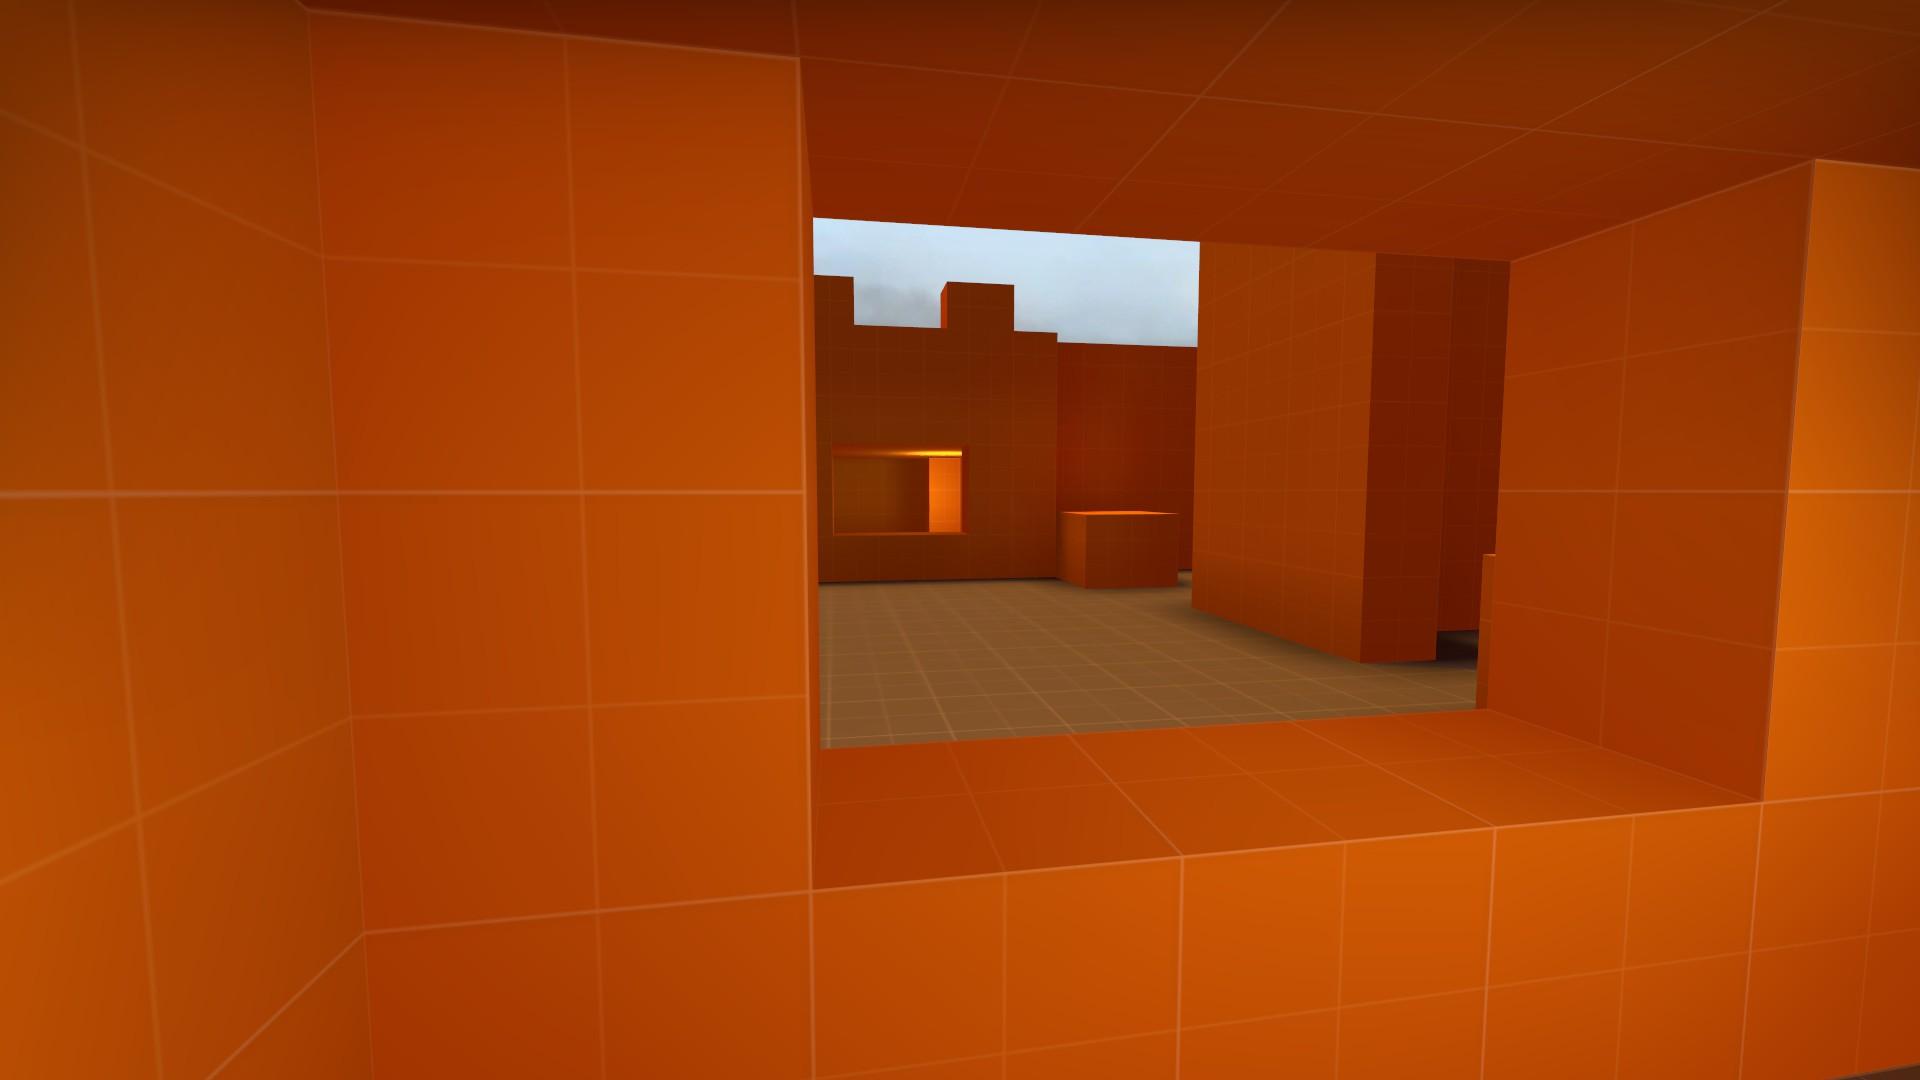 4 способа как создать блоки одинаковой высоты / Хабр - Habrahabr 75